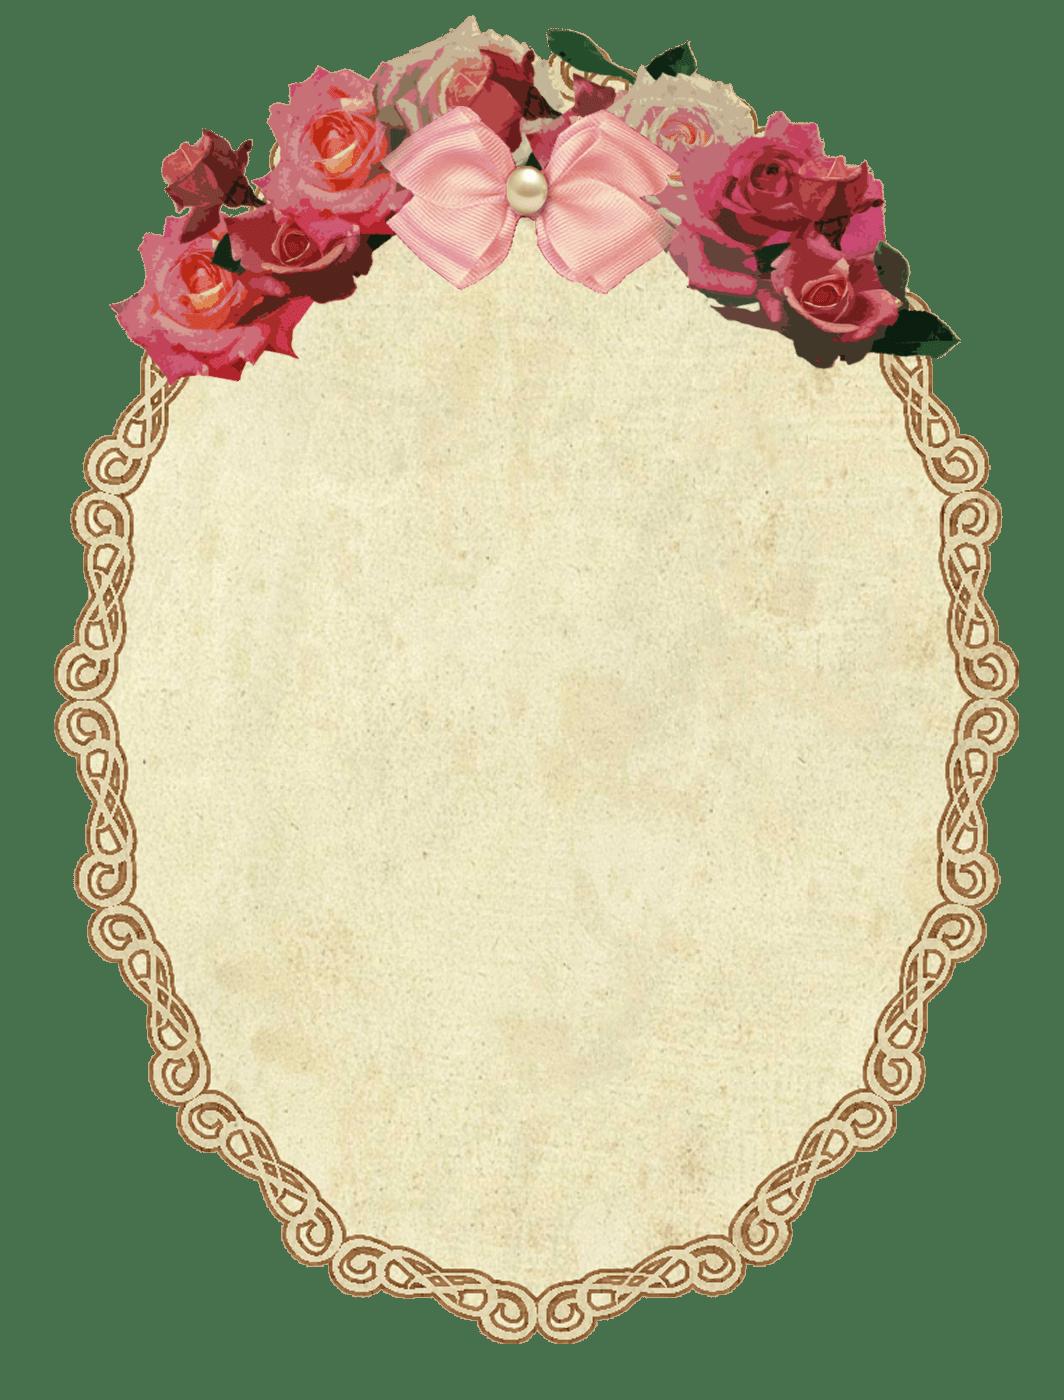 Vintage Oval Frame With Flowers - Vintage Oval Frame PNG